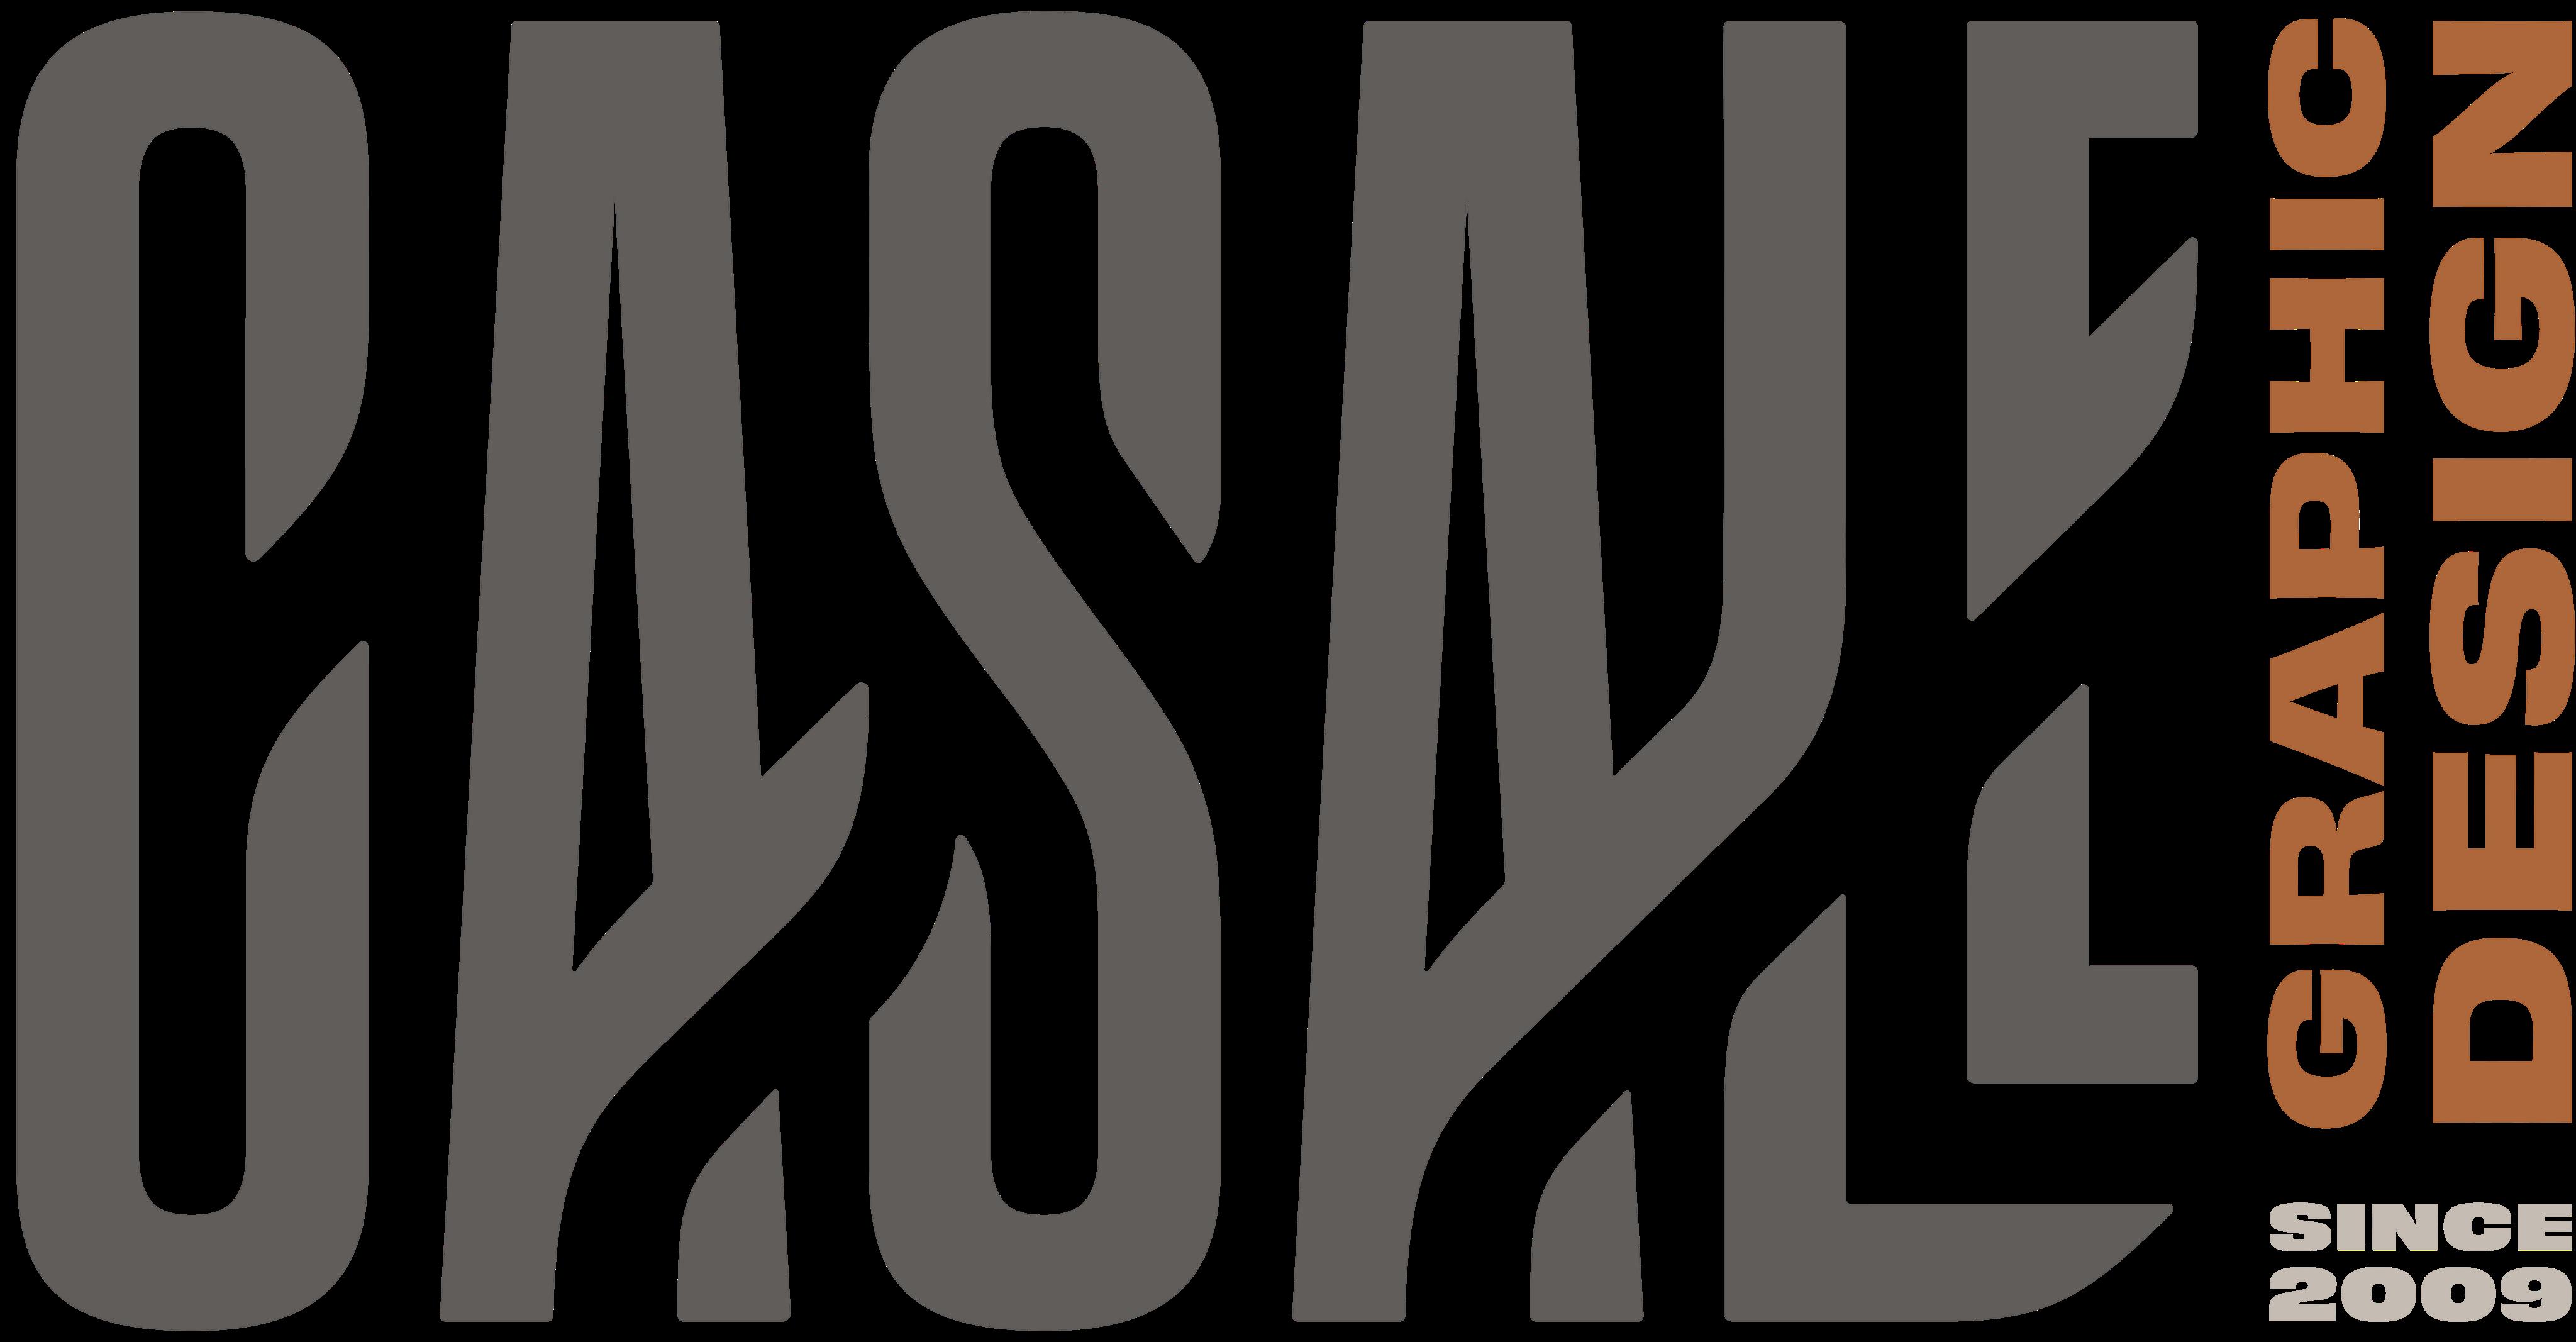 Nick Casale / Casale Design Studio